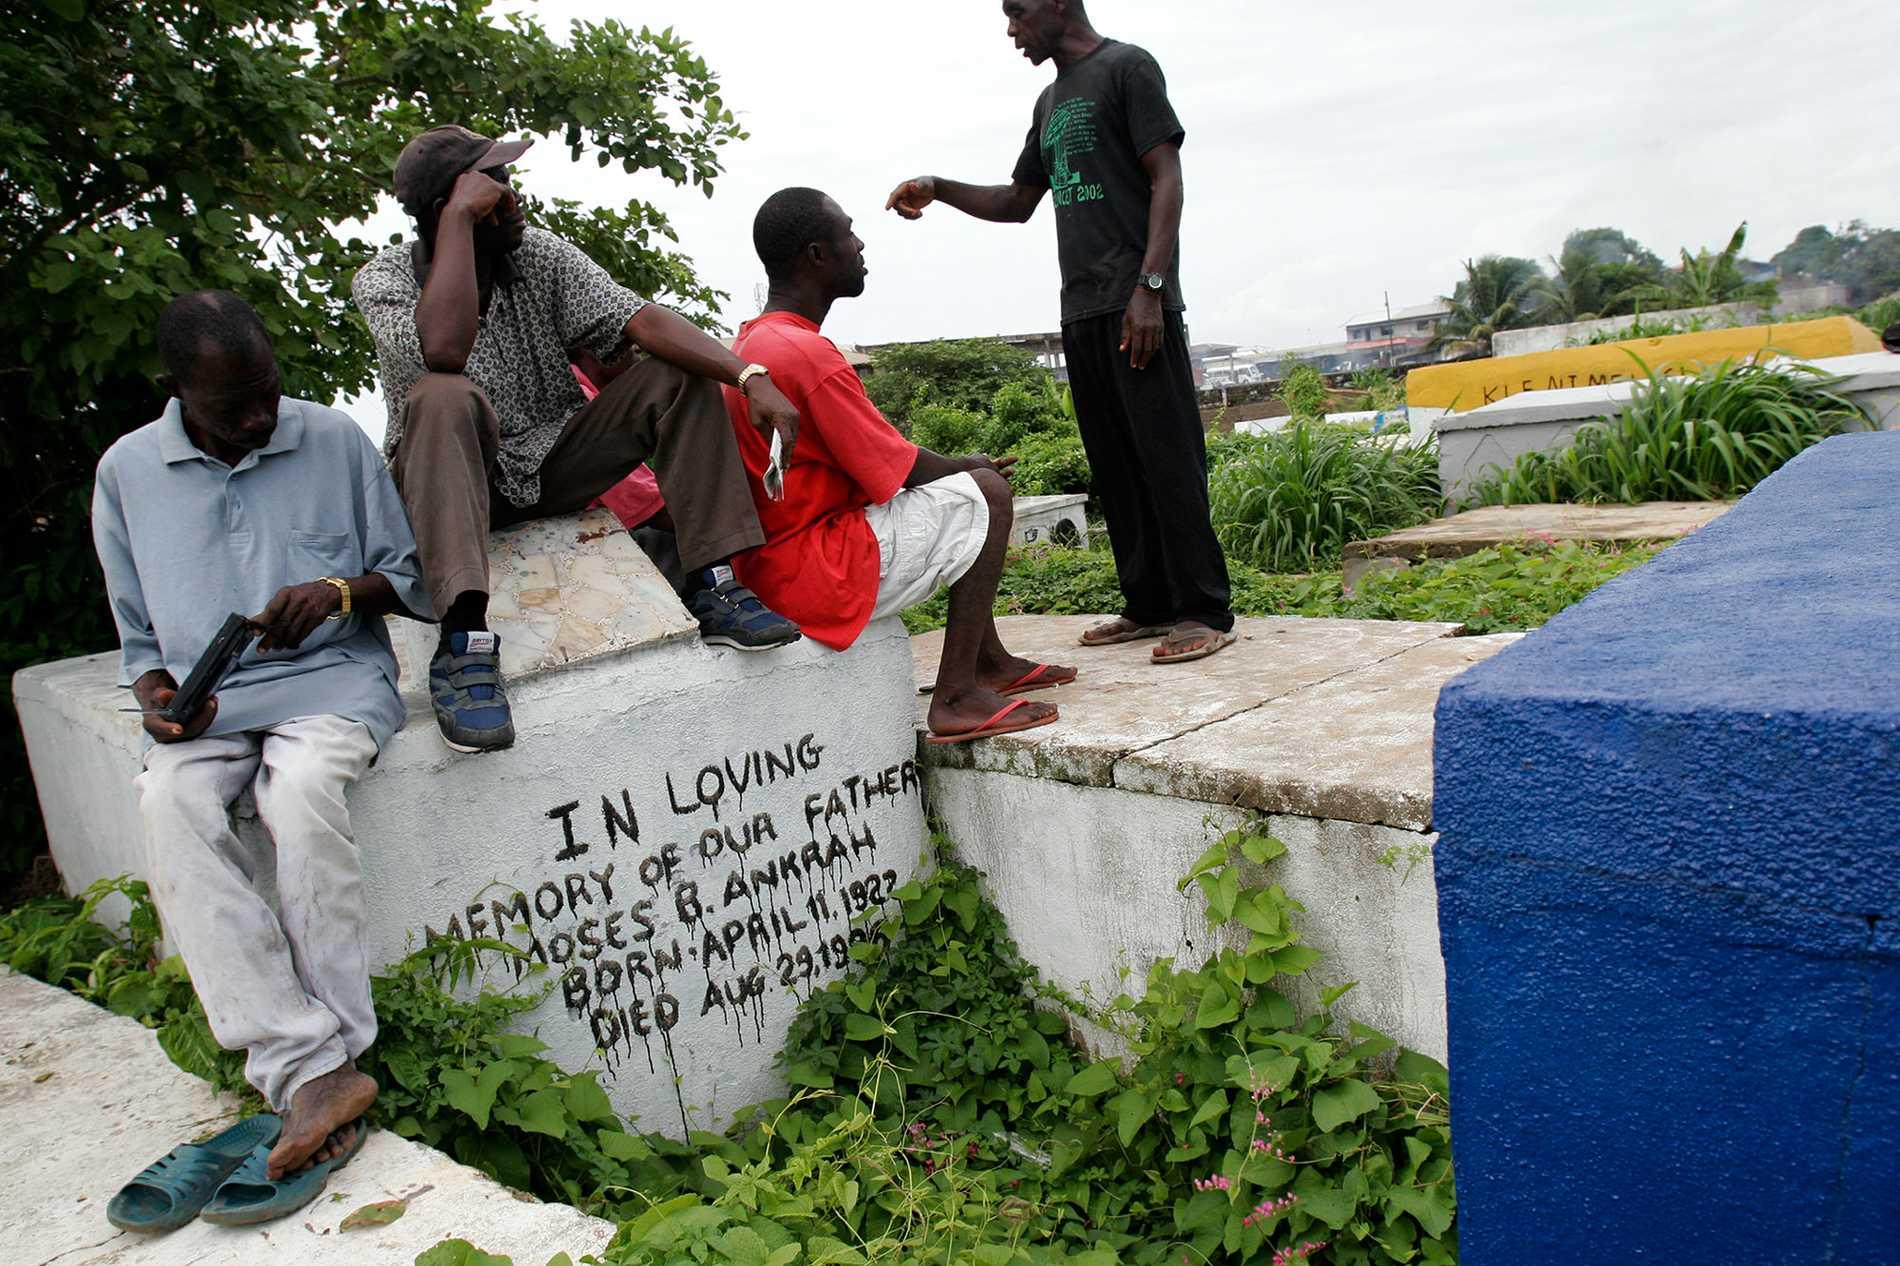 Gravgrävare i Liberias huvudstad Monrovia efter rättegången mot den före detta presidenten Charles Taylor, som Alieu Kosiahs gerilla Ulimo stred emot. Nu har de båda dömts för krigsbrott. Arkivbild.